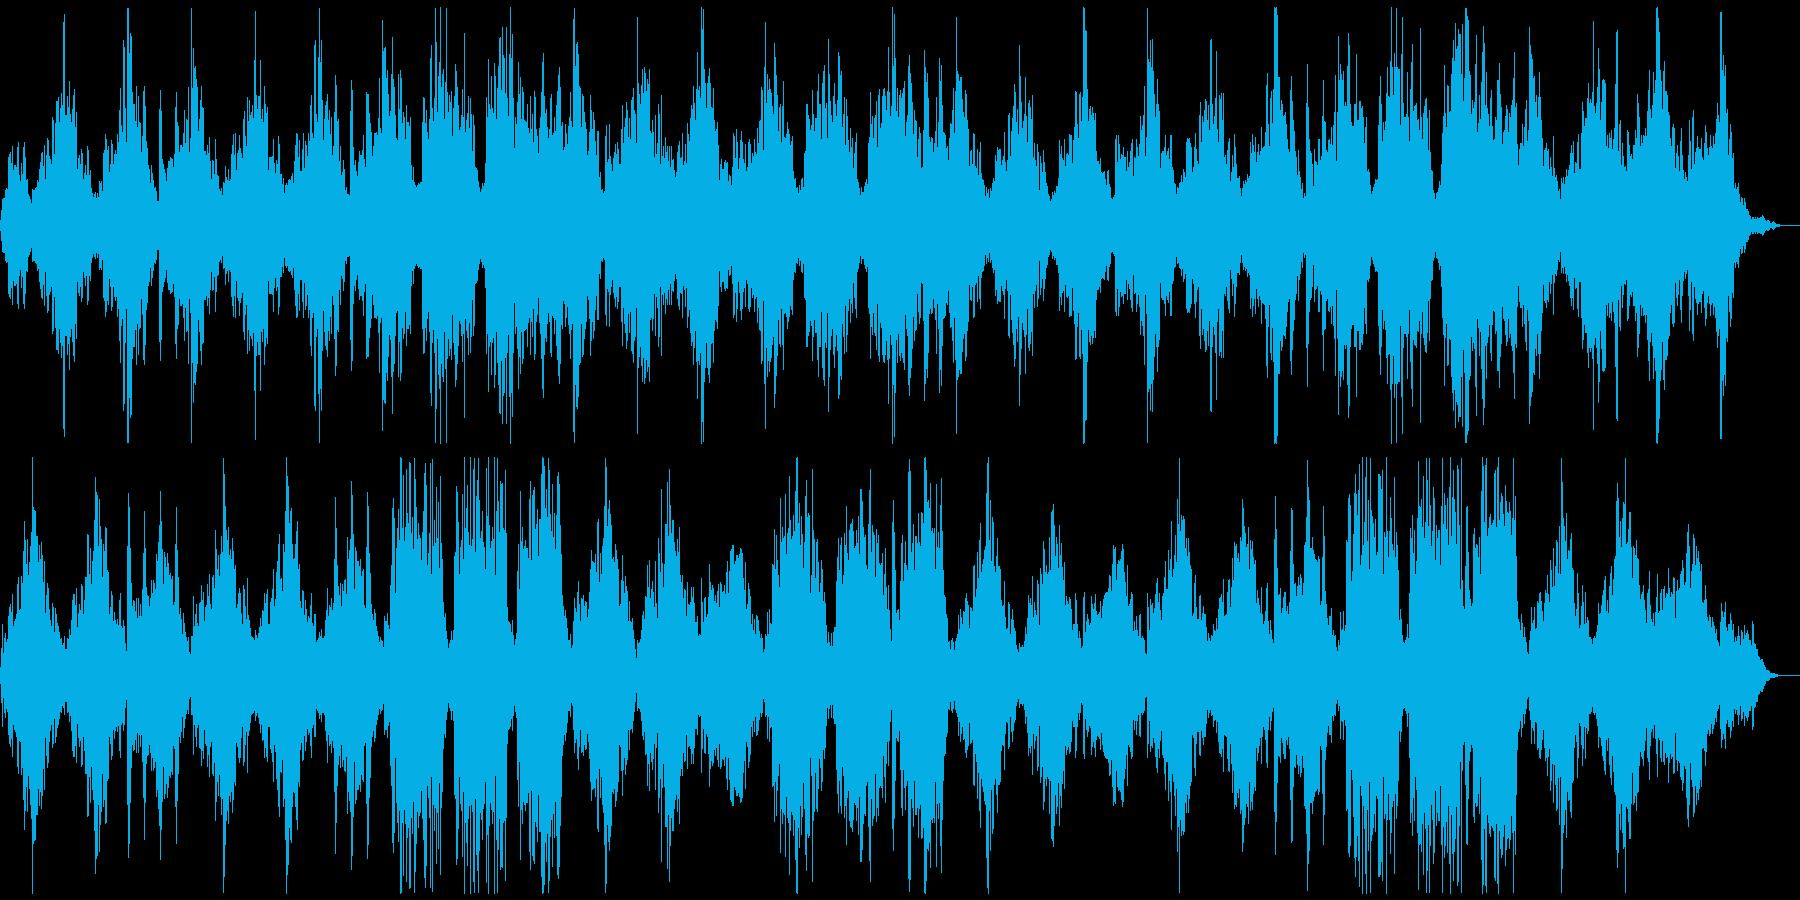 瞑想やヨガ、睡眠誘導のための音楽 05の再生済みの波形